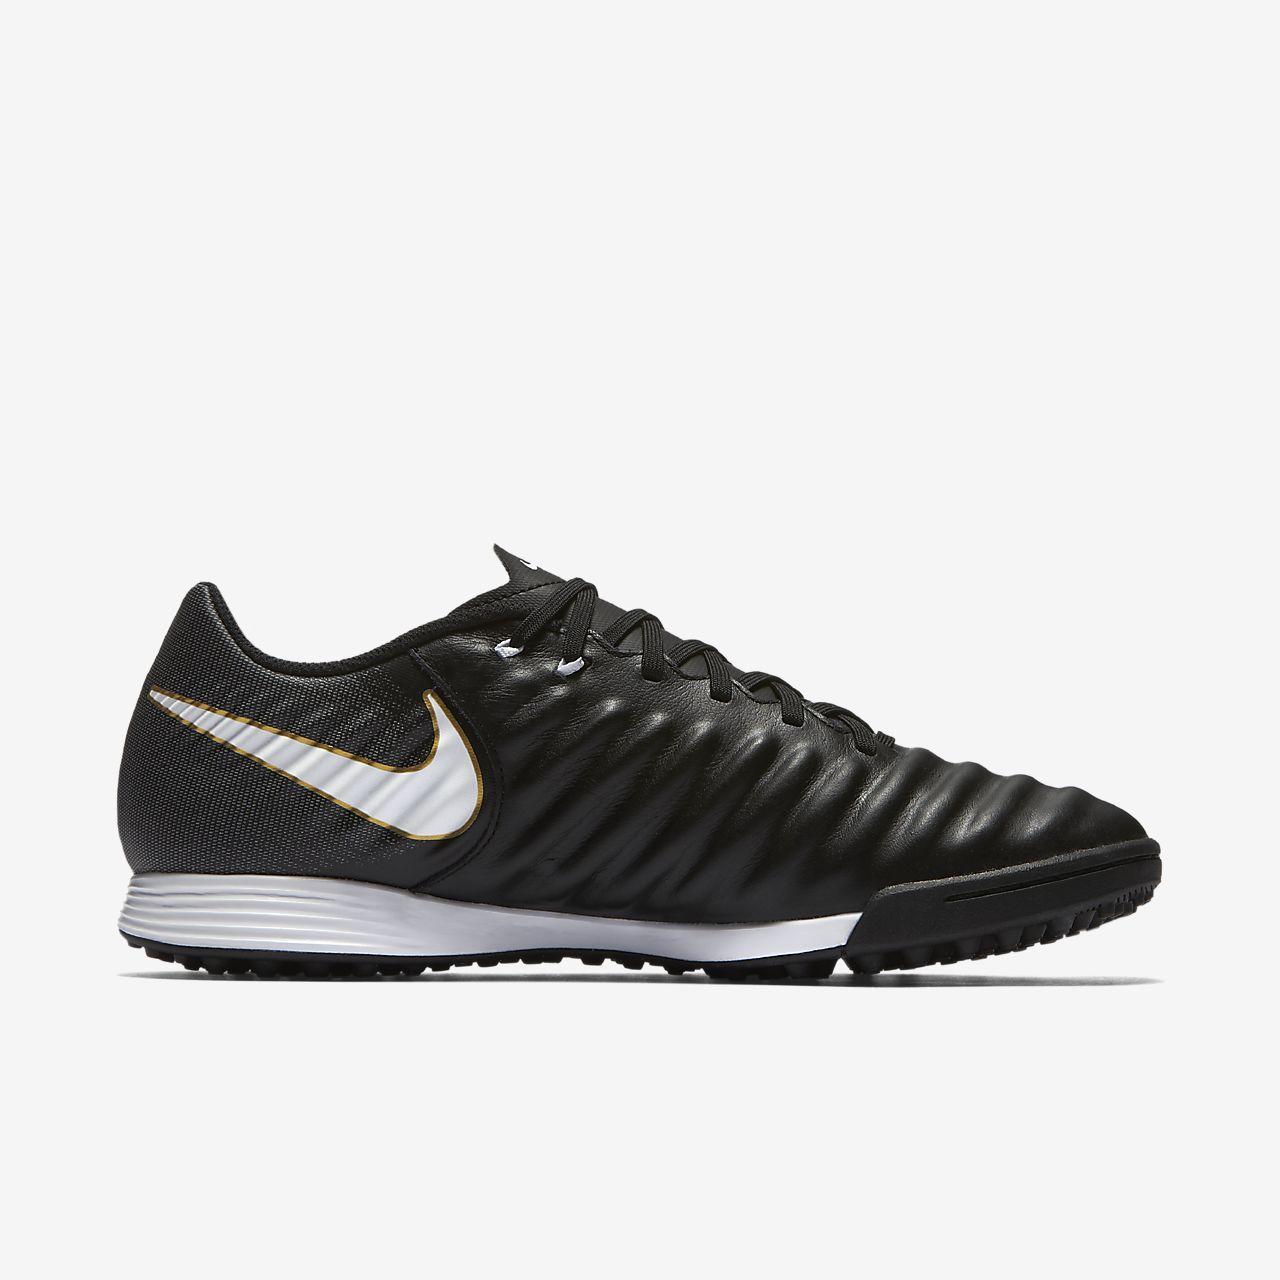 ... Nike TiempoX Ligera IV Artificial-Turf Football Shoe